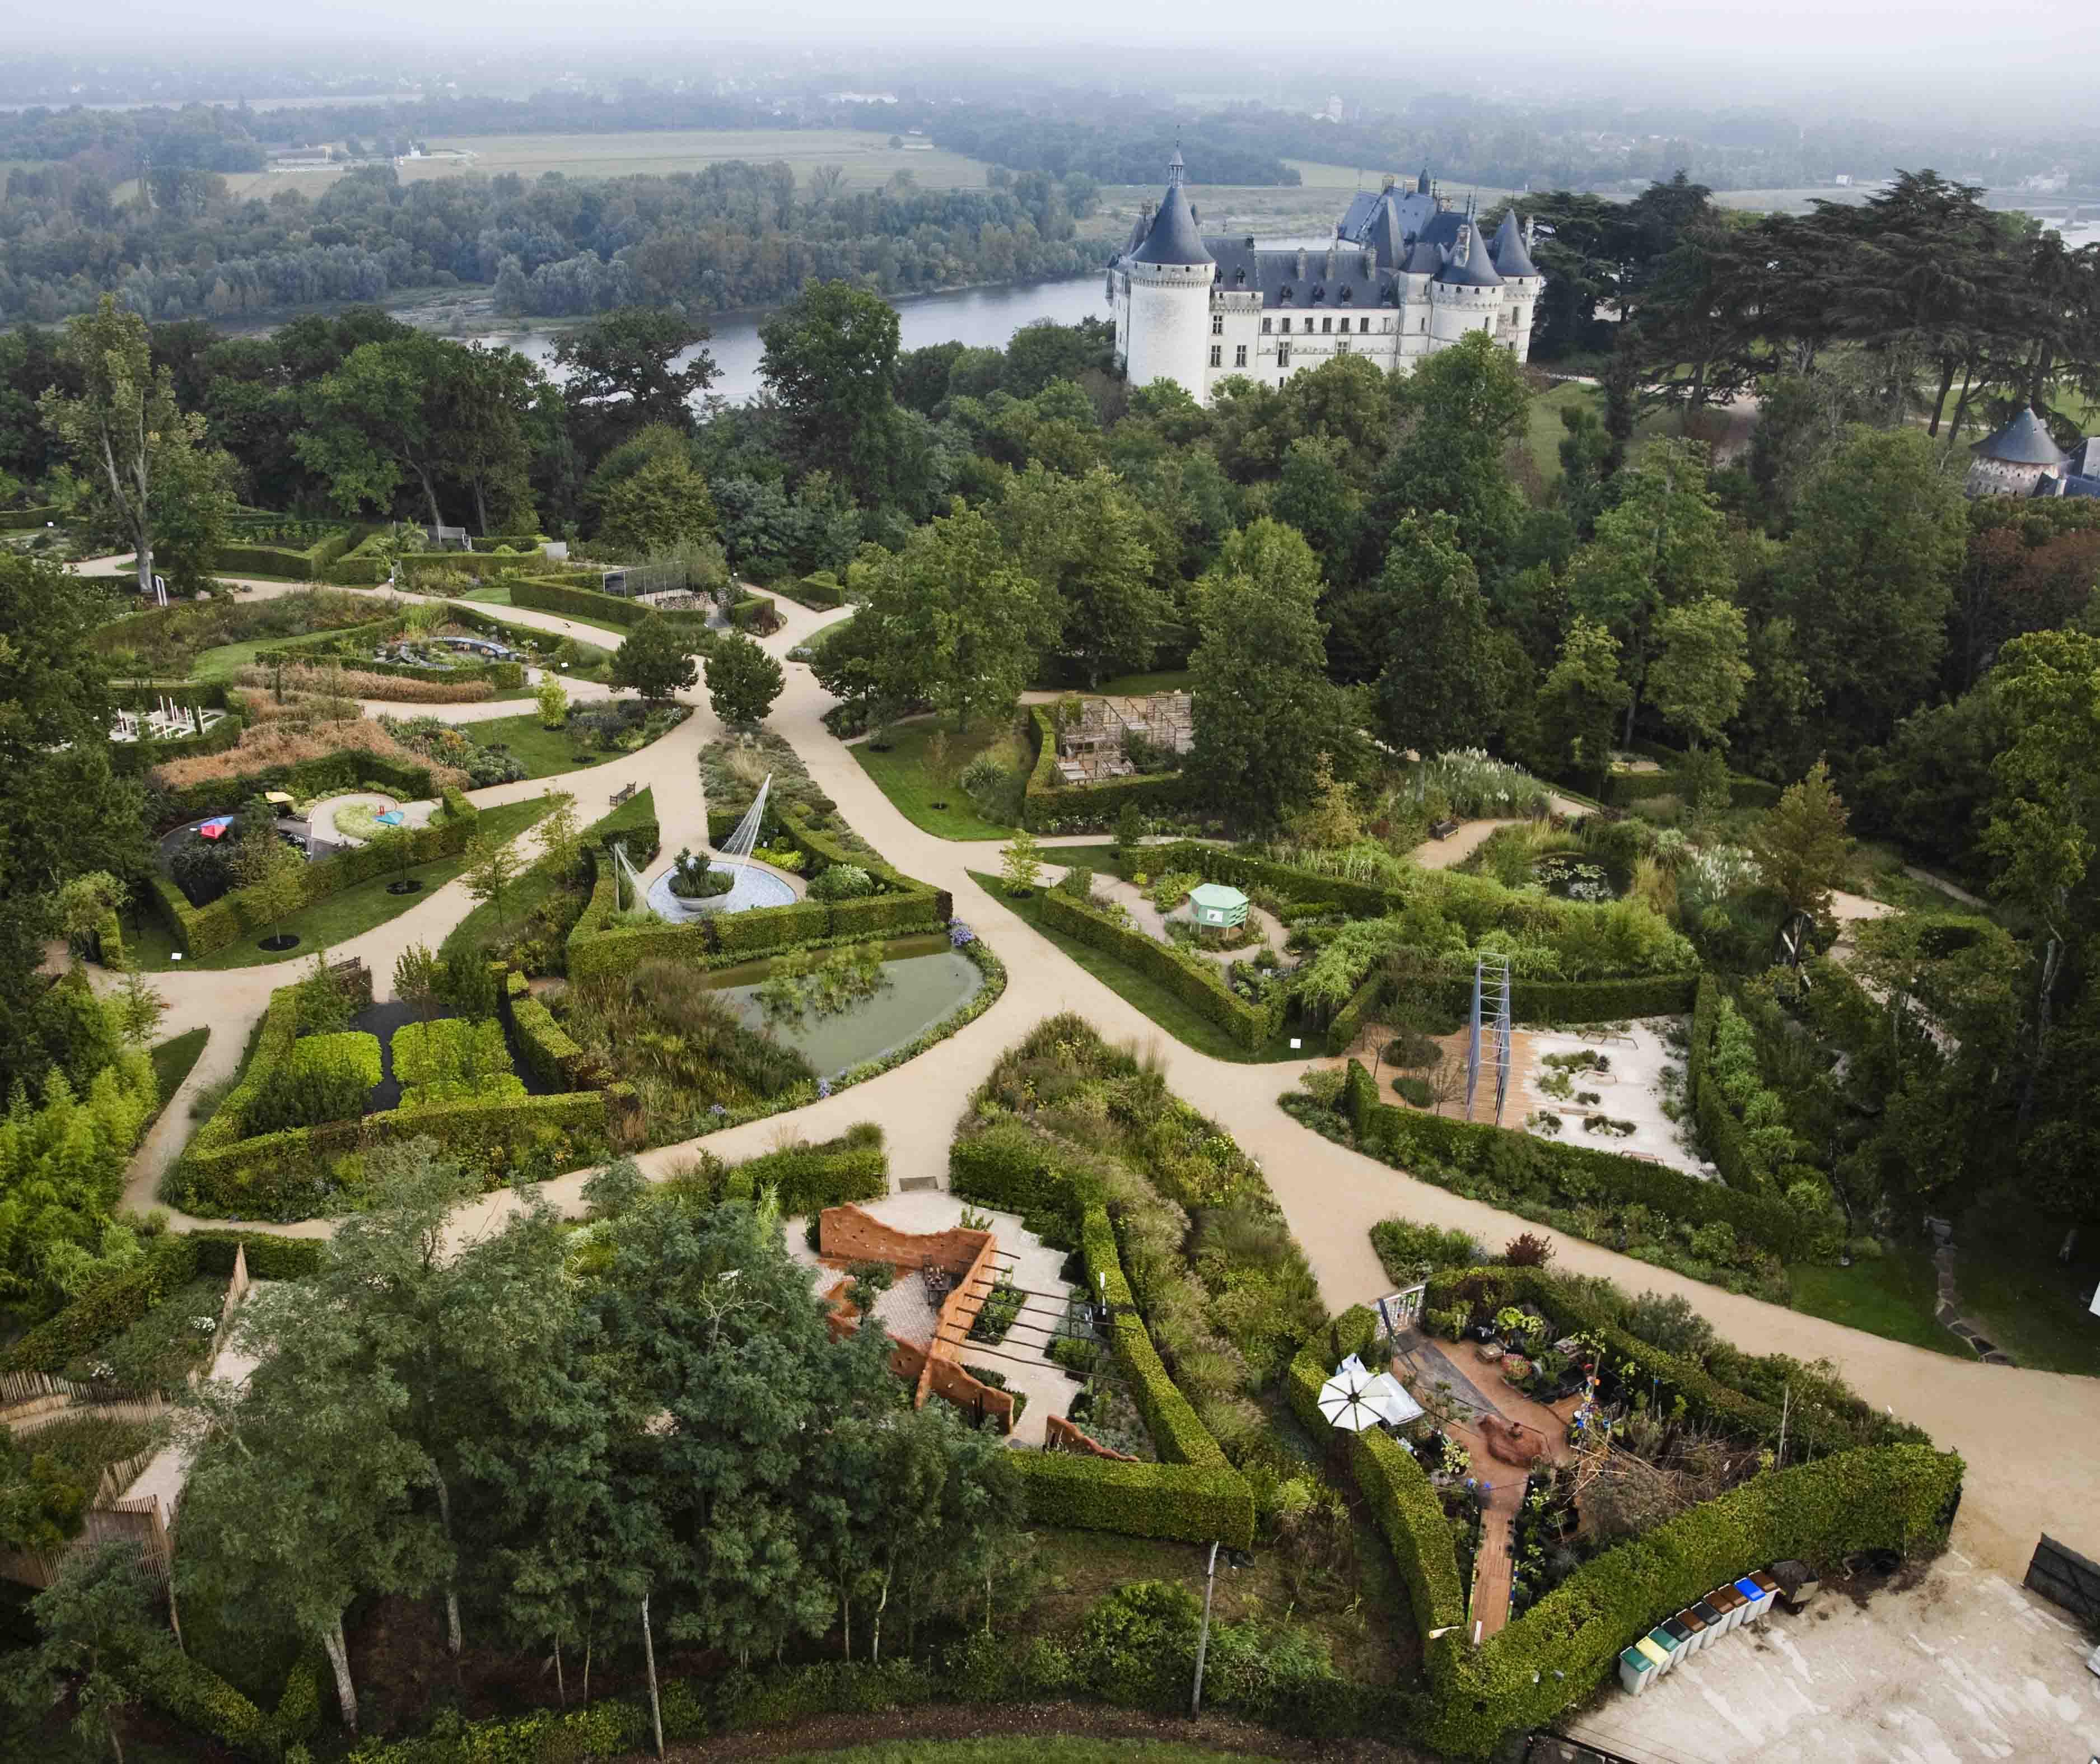 Association des parcs et jardins en r gion centre - Parcs et jardins de france ...